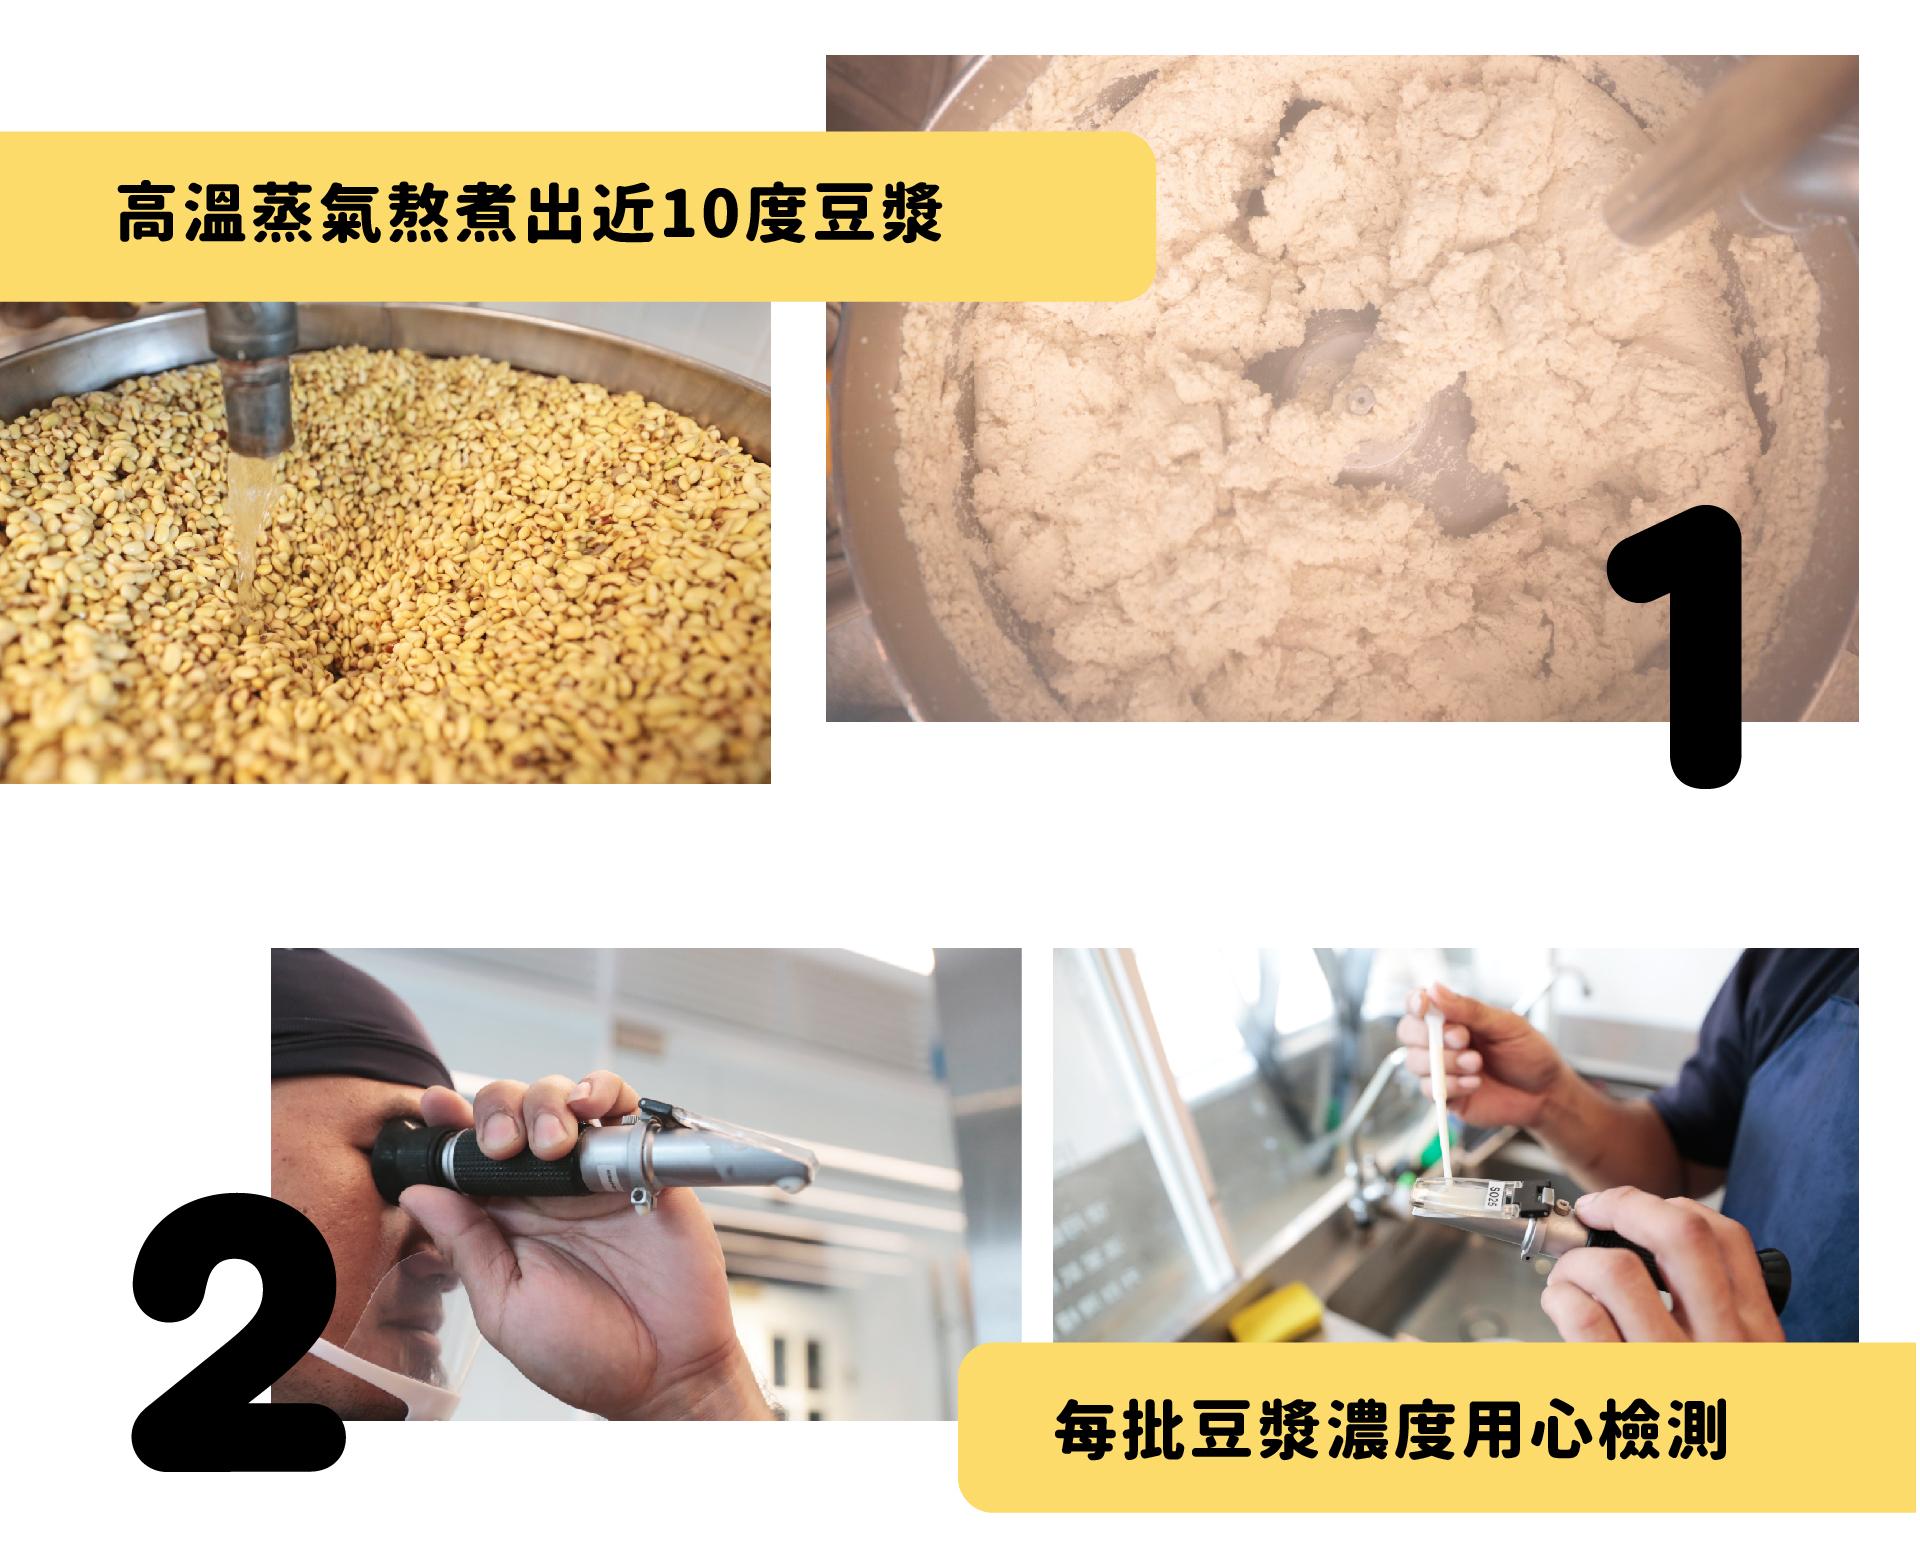 1.高溫蒸氣熬煮出近10度豆漿  2.每批豆漿濃度用心檢測